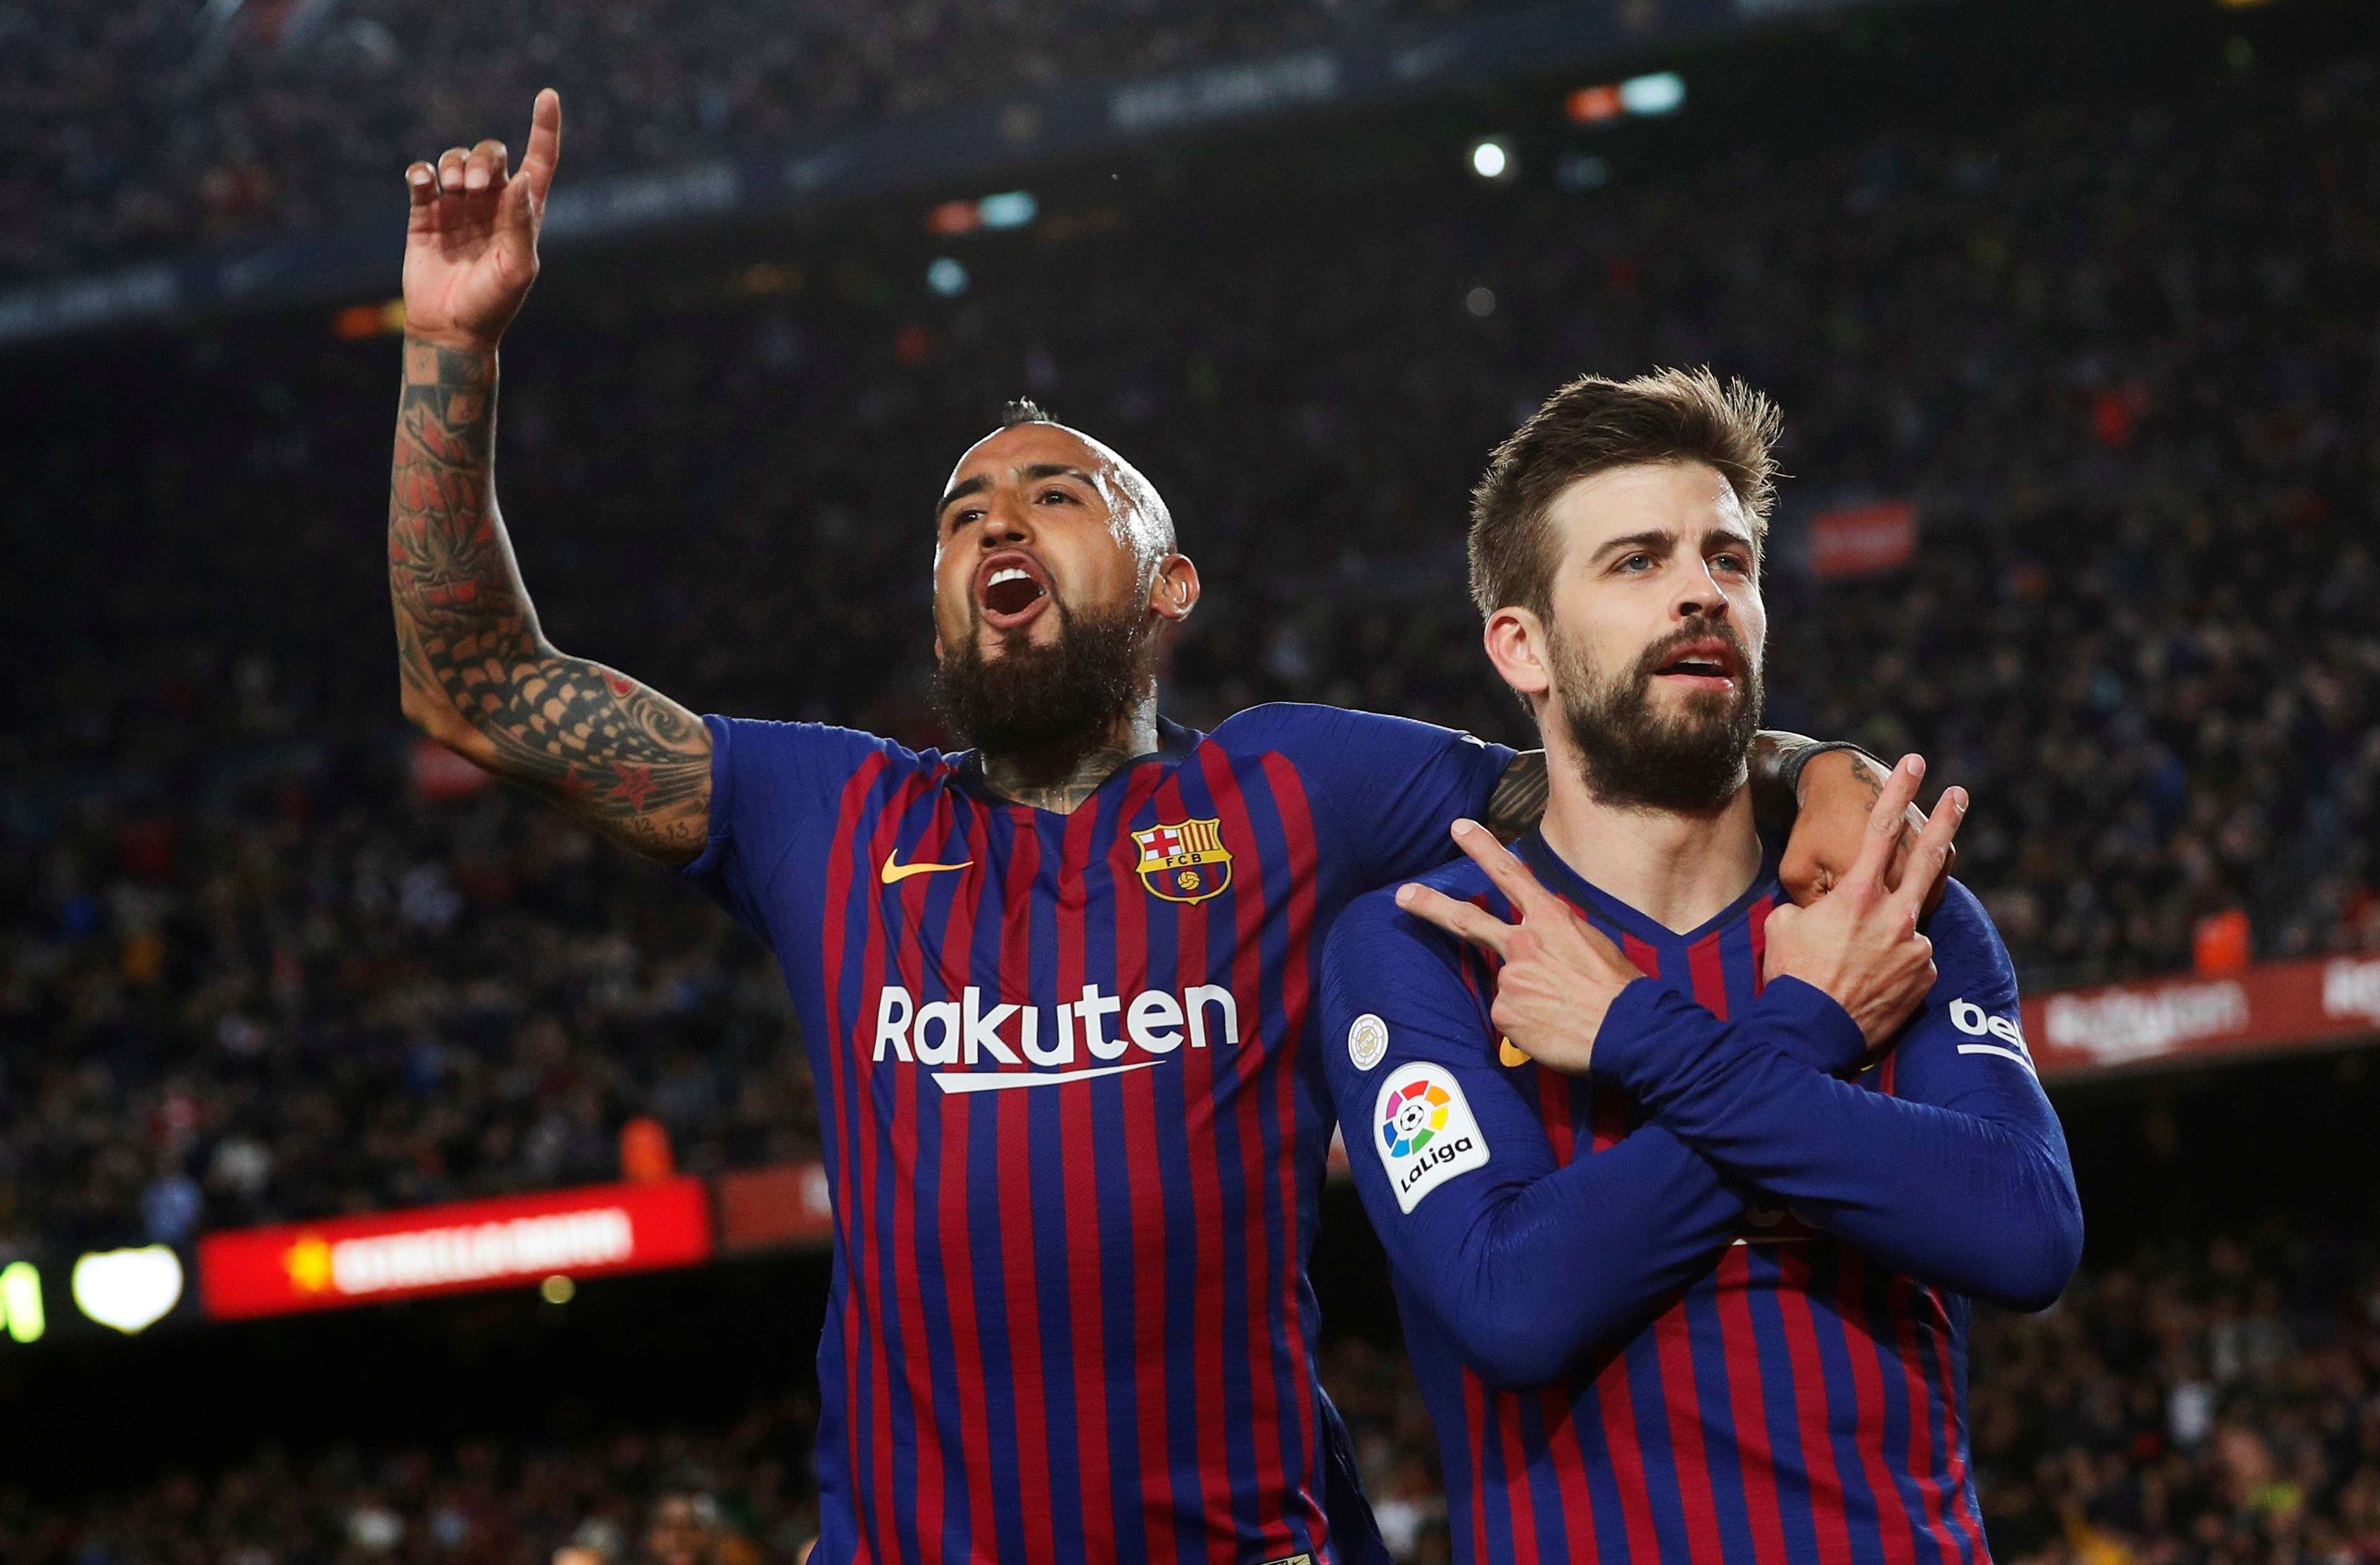 Gerard Piqué, defensor del FC Barcelona, celebra su gol de hoy. / EFE